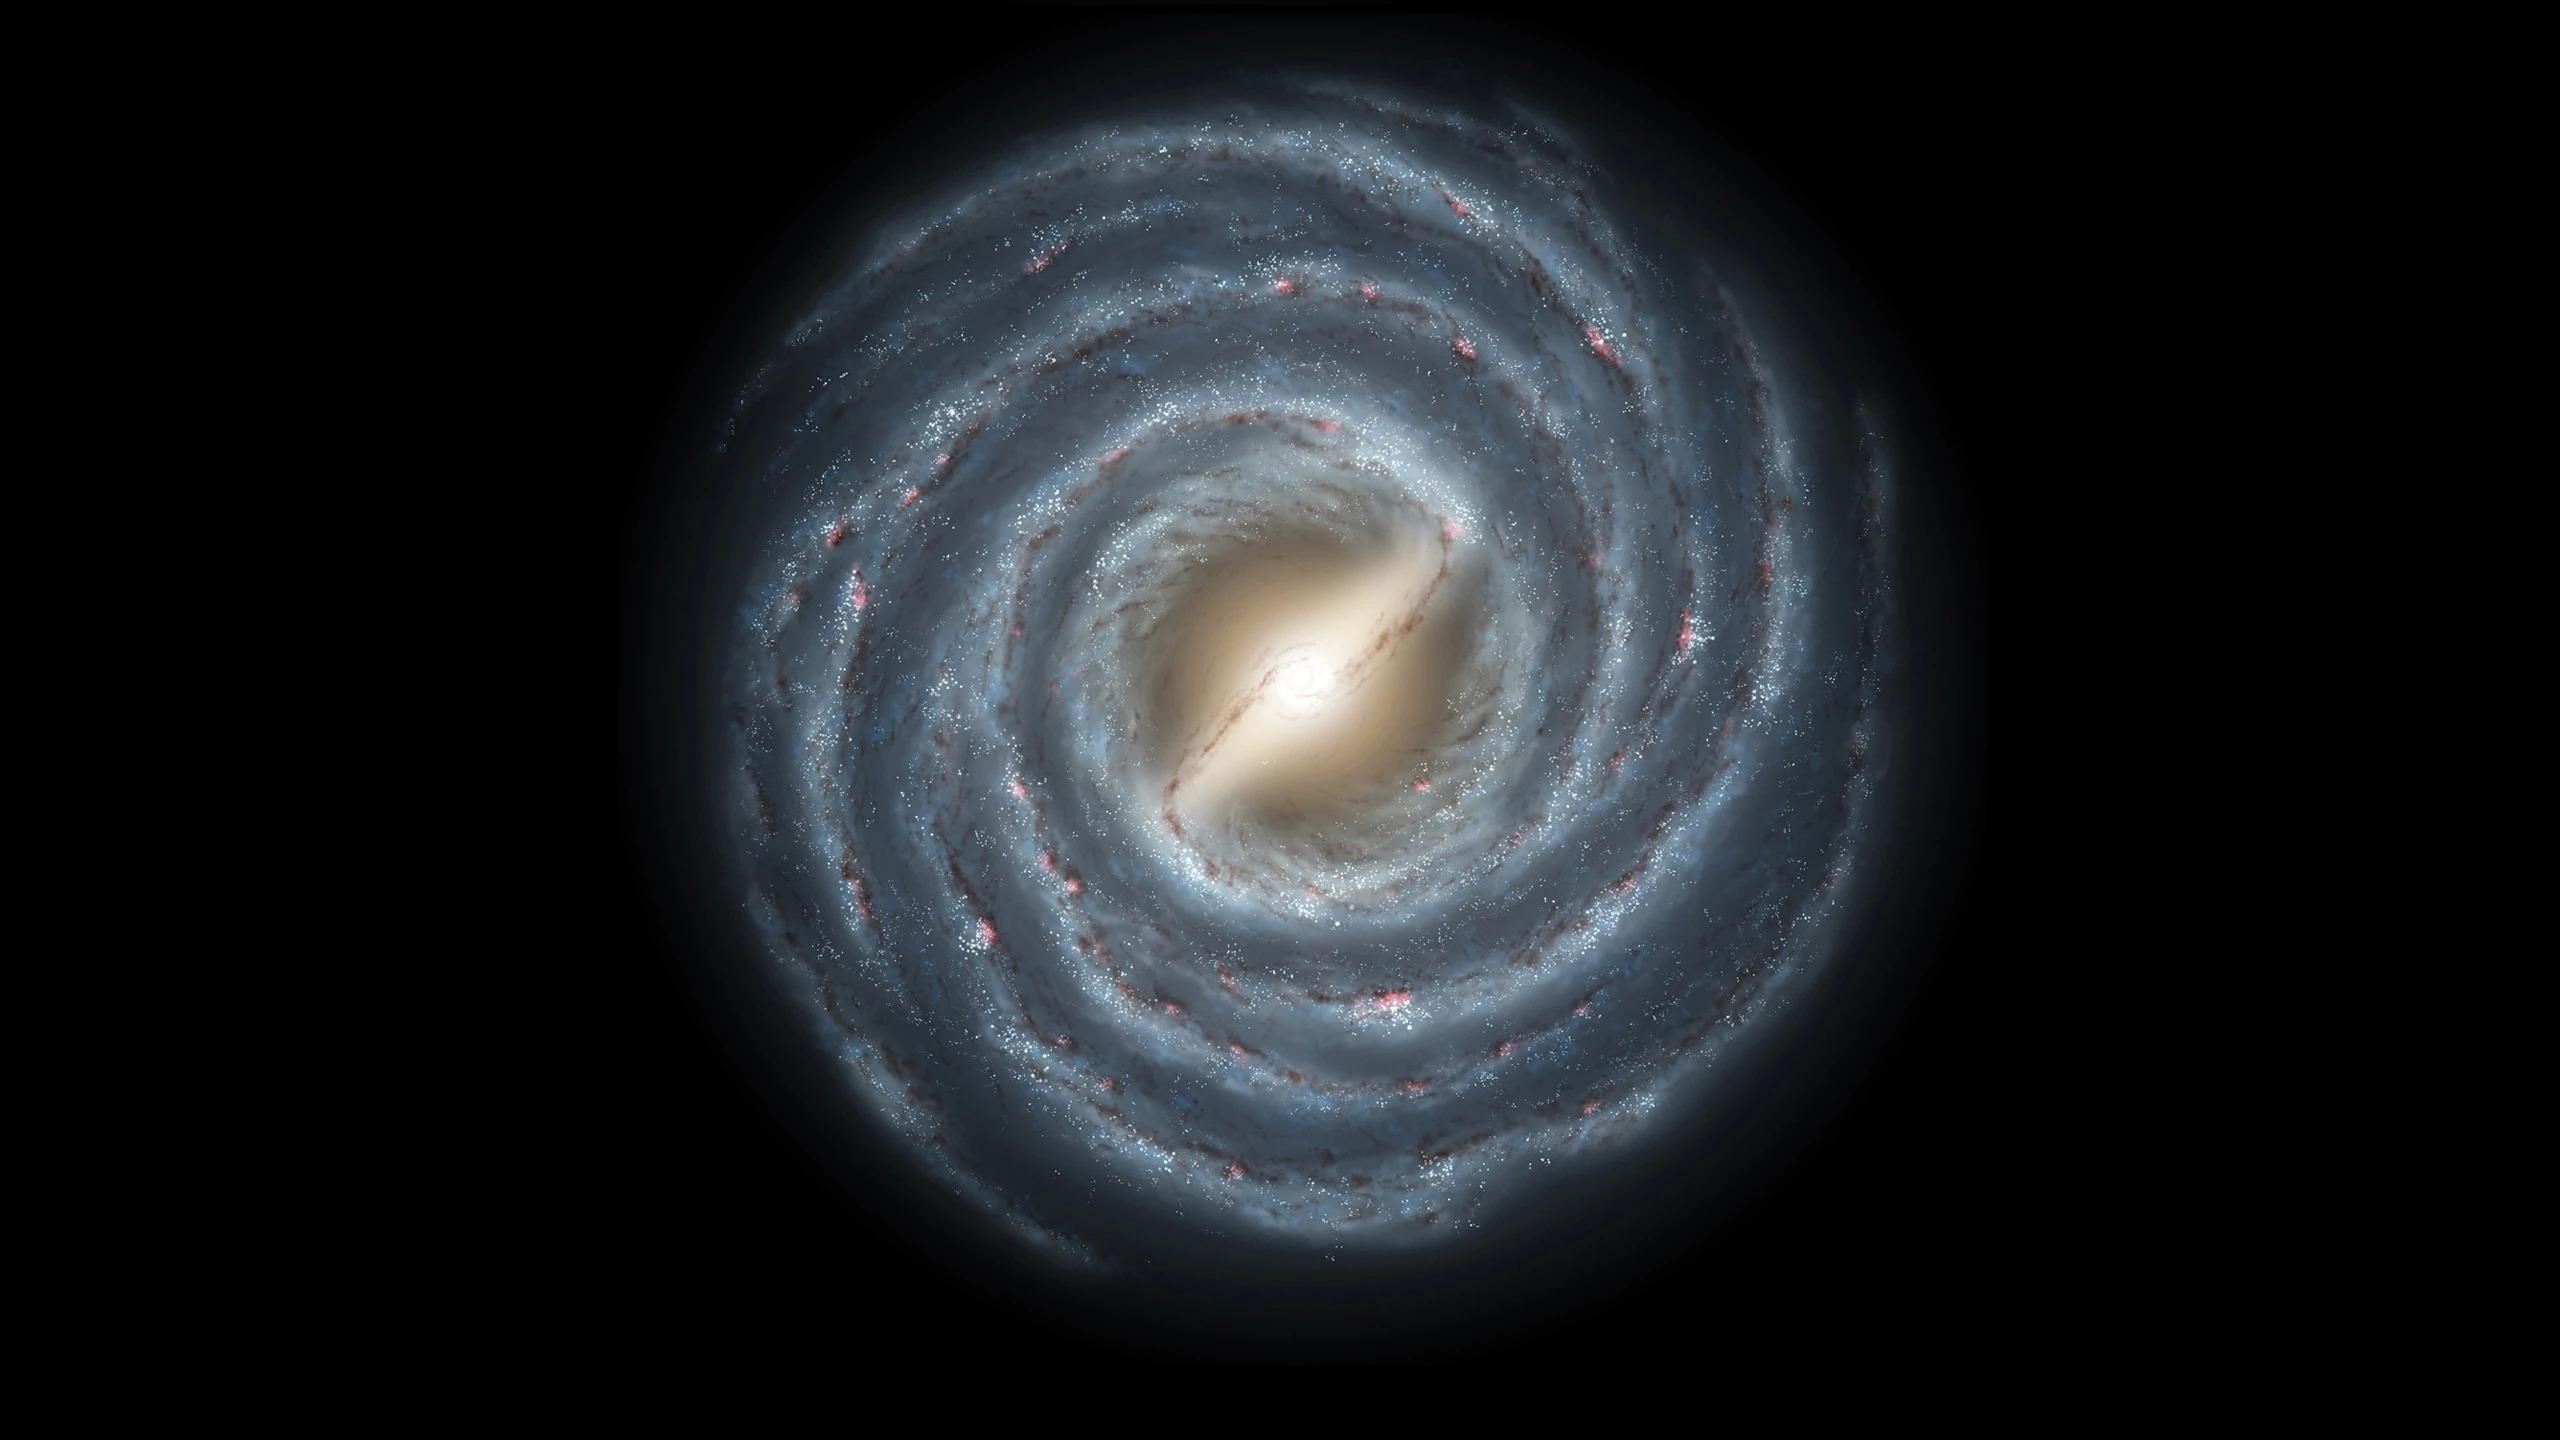 Картинка: Галактика, спиралевидная, рукава, перемычка, Млечный путь, космос